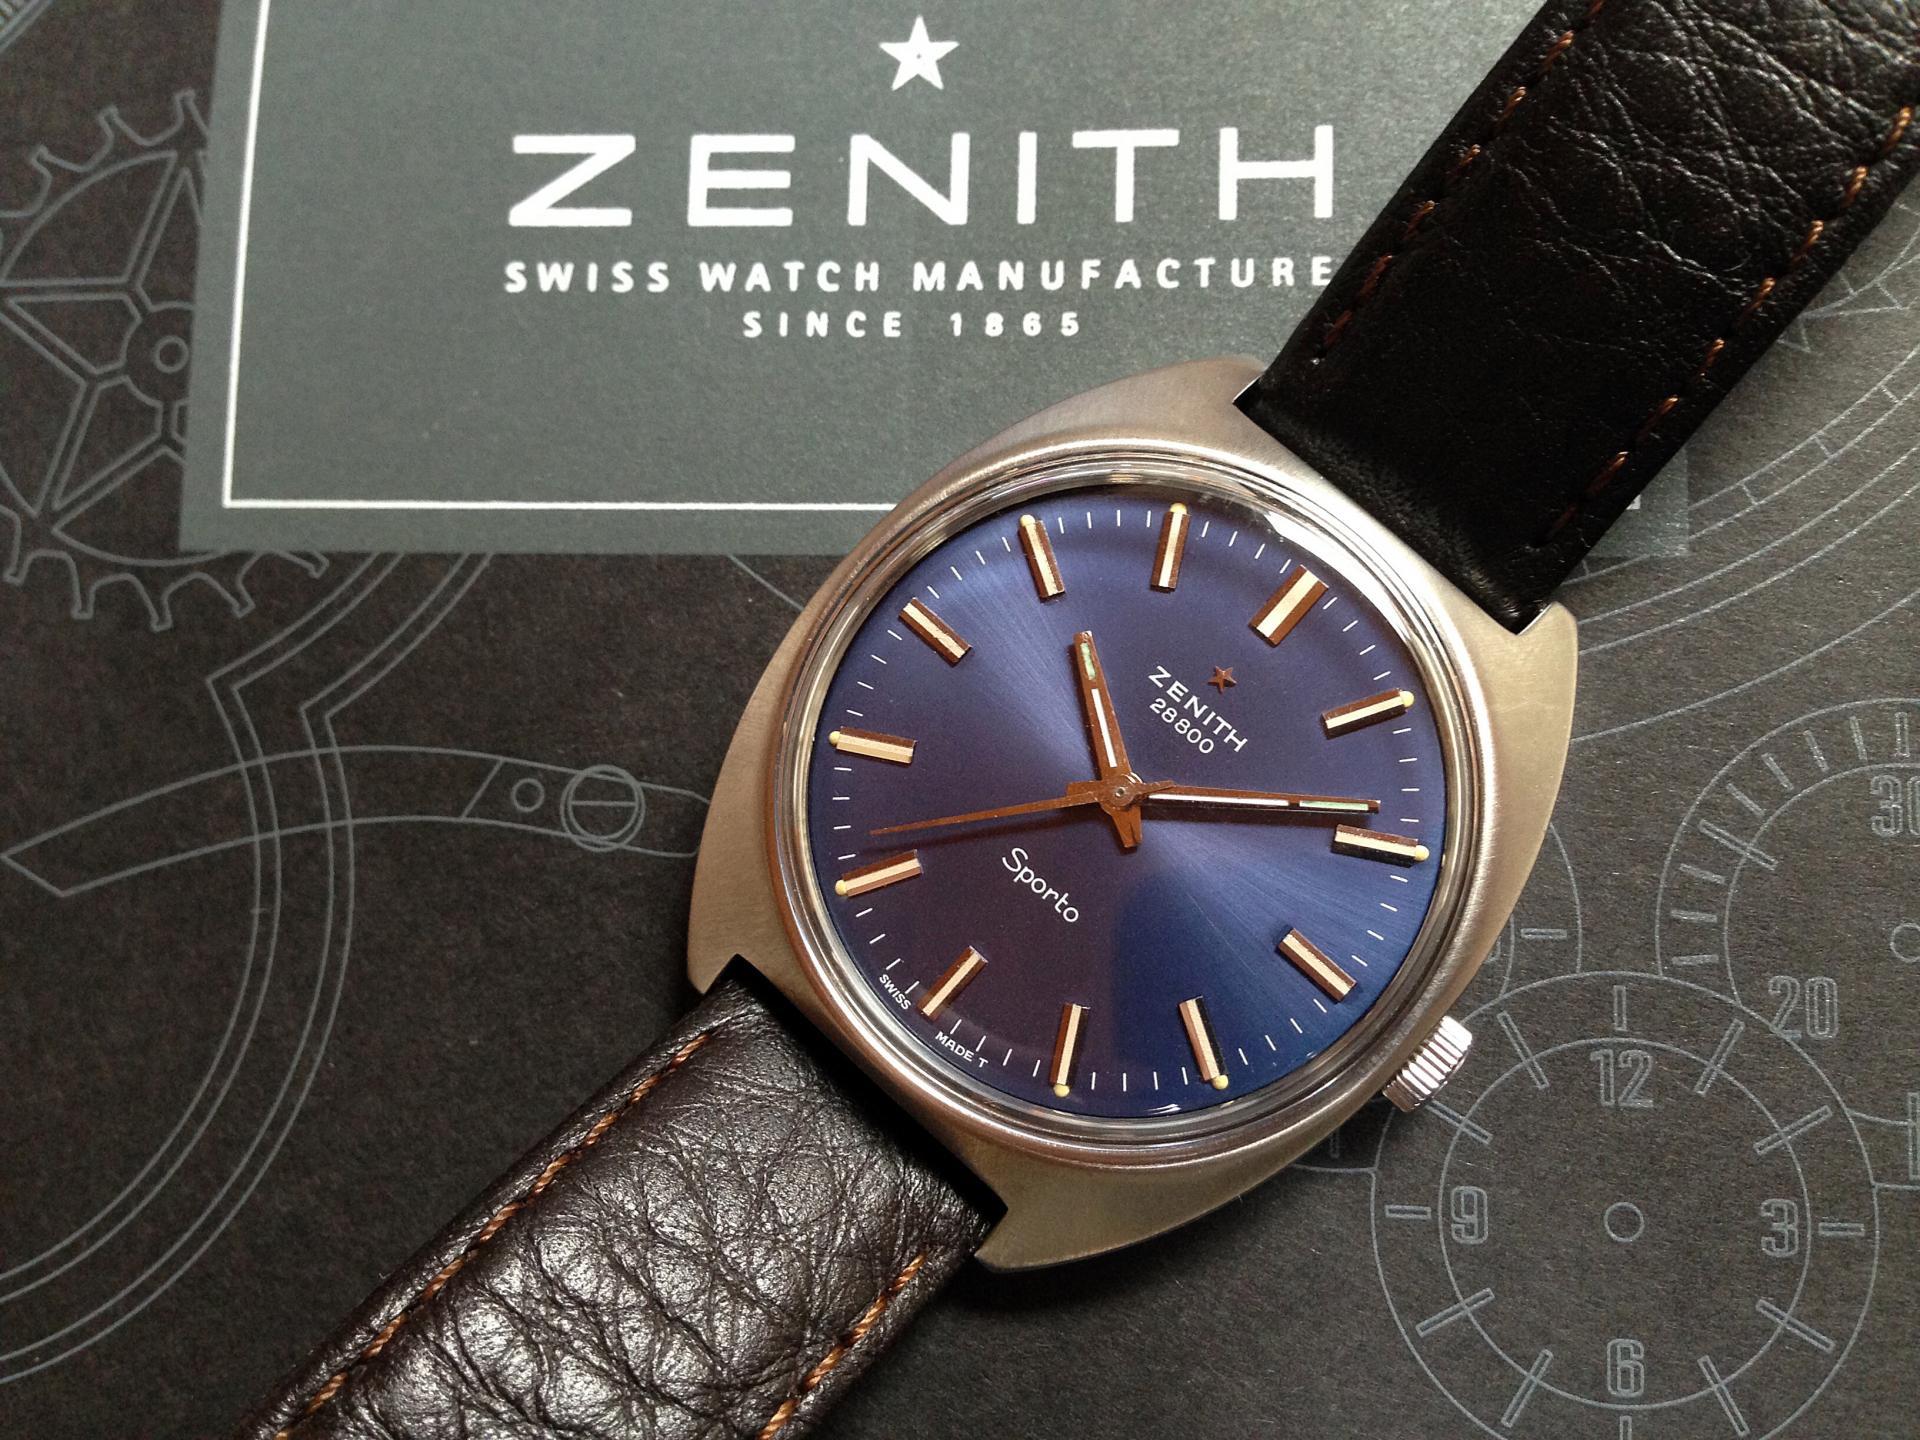 Naziv: Zenith Sporto 3.jpg, pregleda: 243, veličina: 421,4 KB